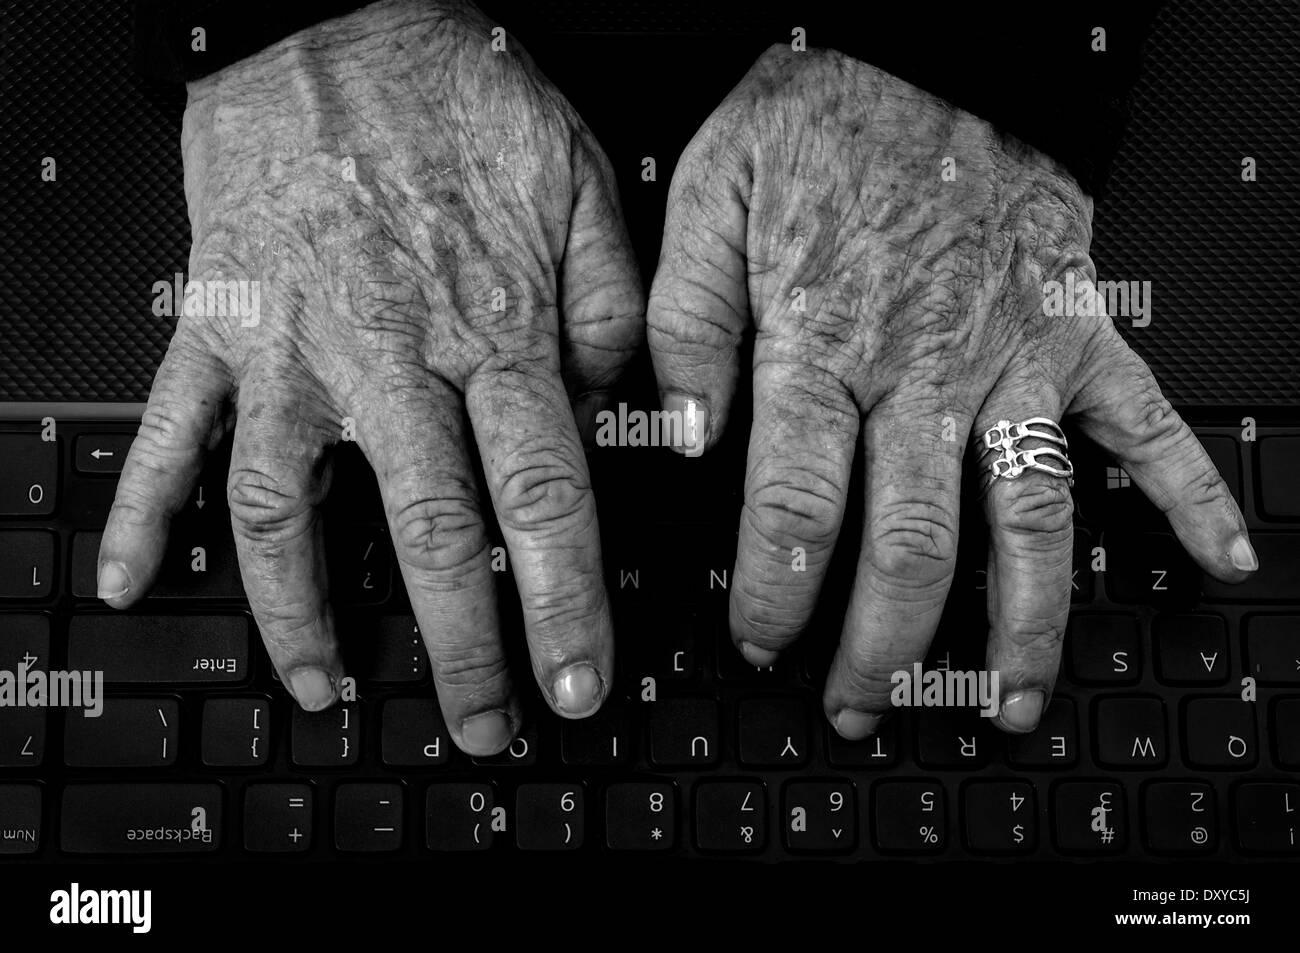 Primo piano della vecchia donna con le mani Artrite su una tastiera di computer in bianco e nero Immagini Stock